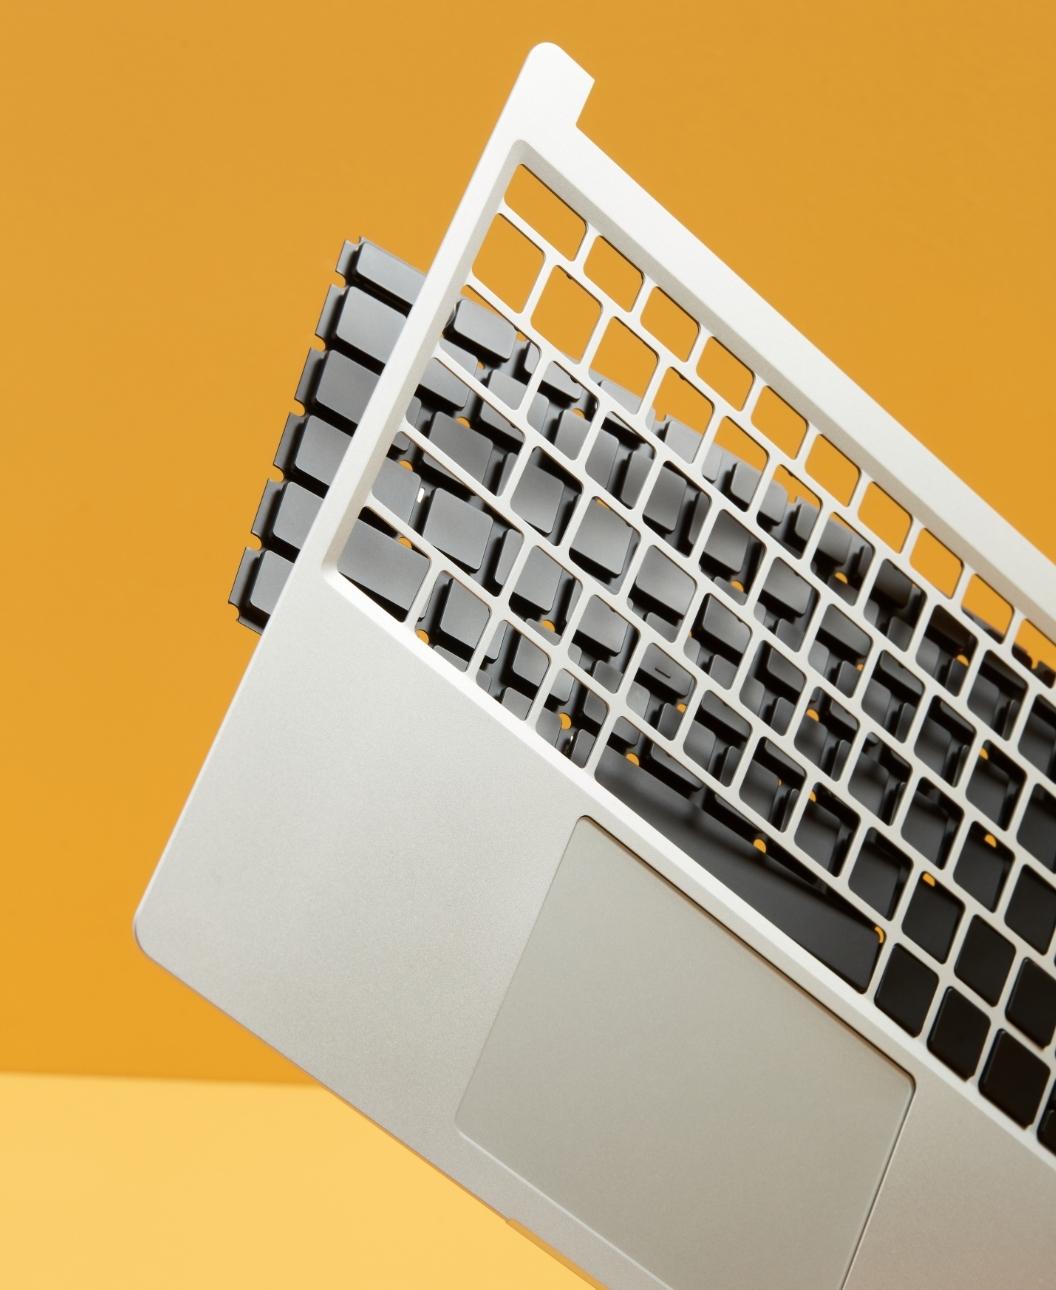 Framework Keyboard Install